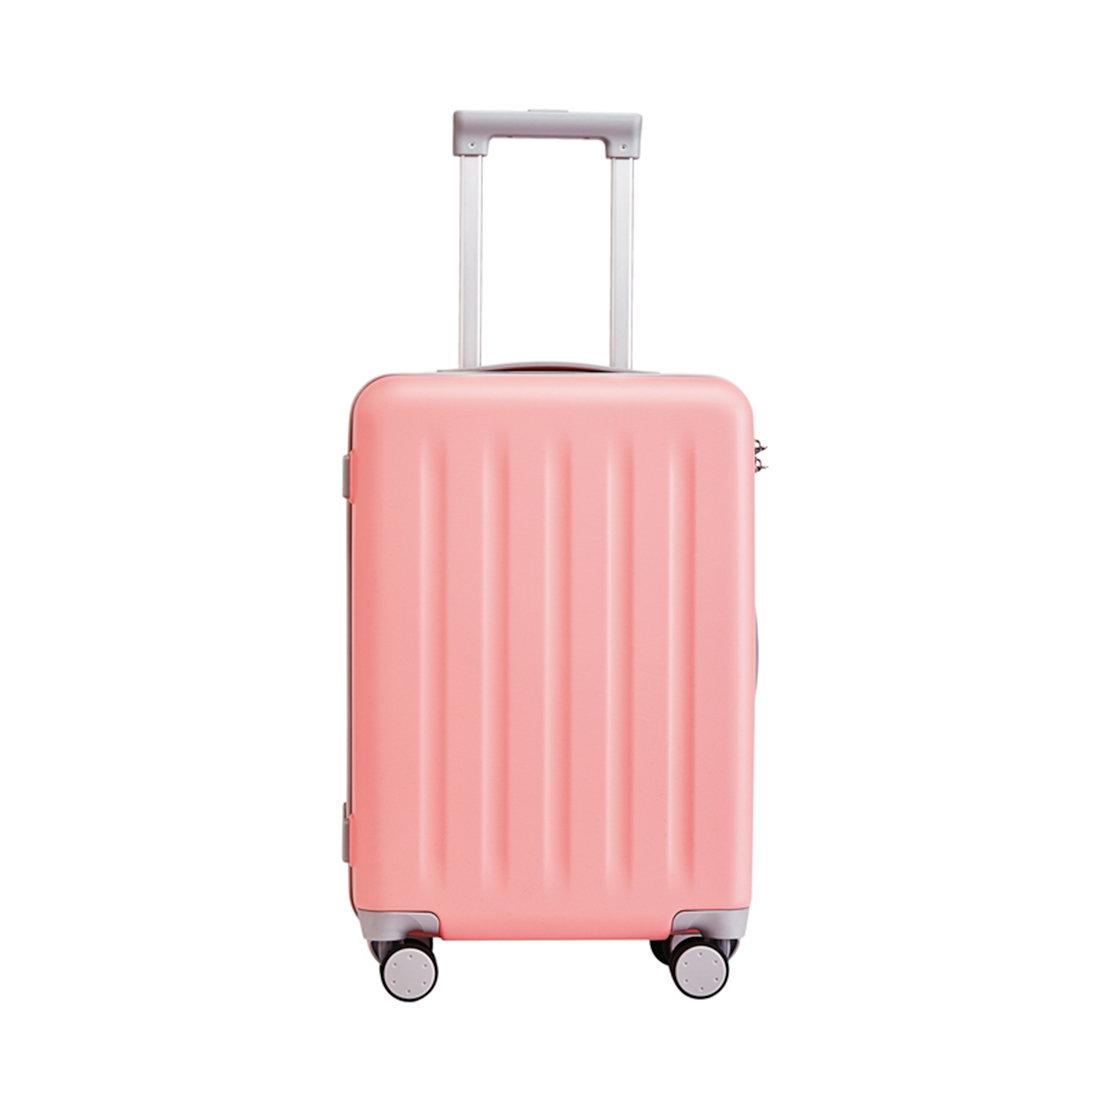 a1c967e5fe99 Пластиковые чемоданы на колесиках, samsonite купить в Благовещенске.